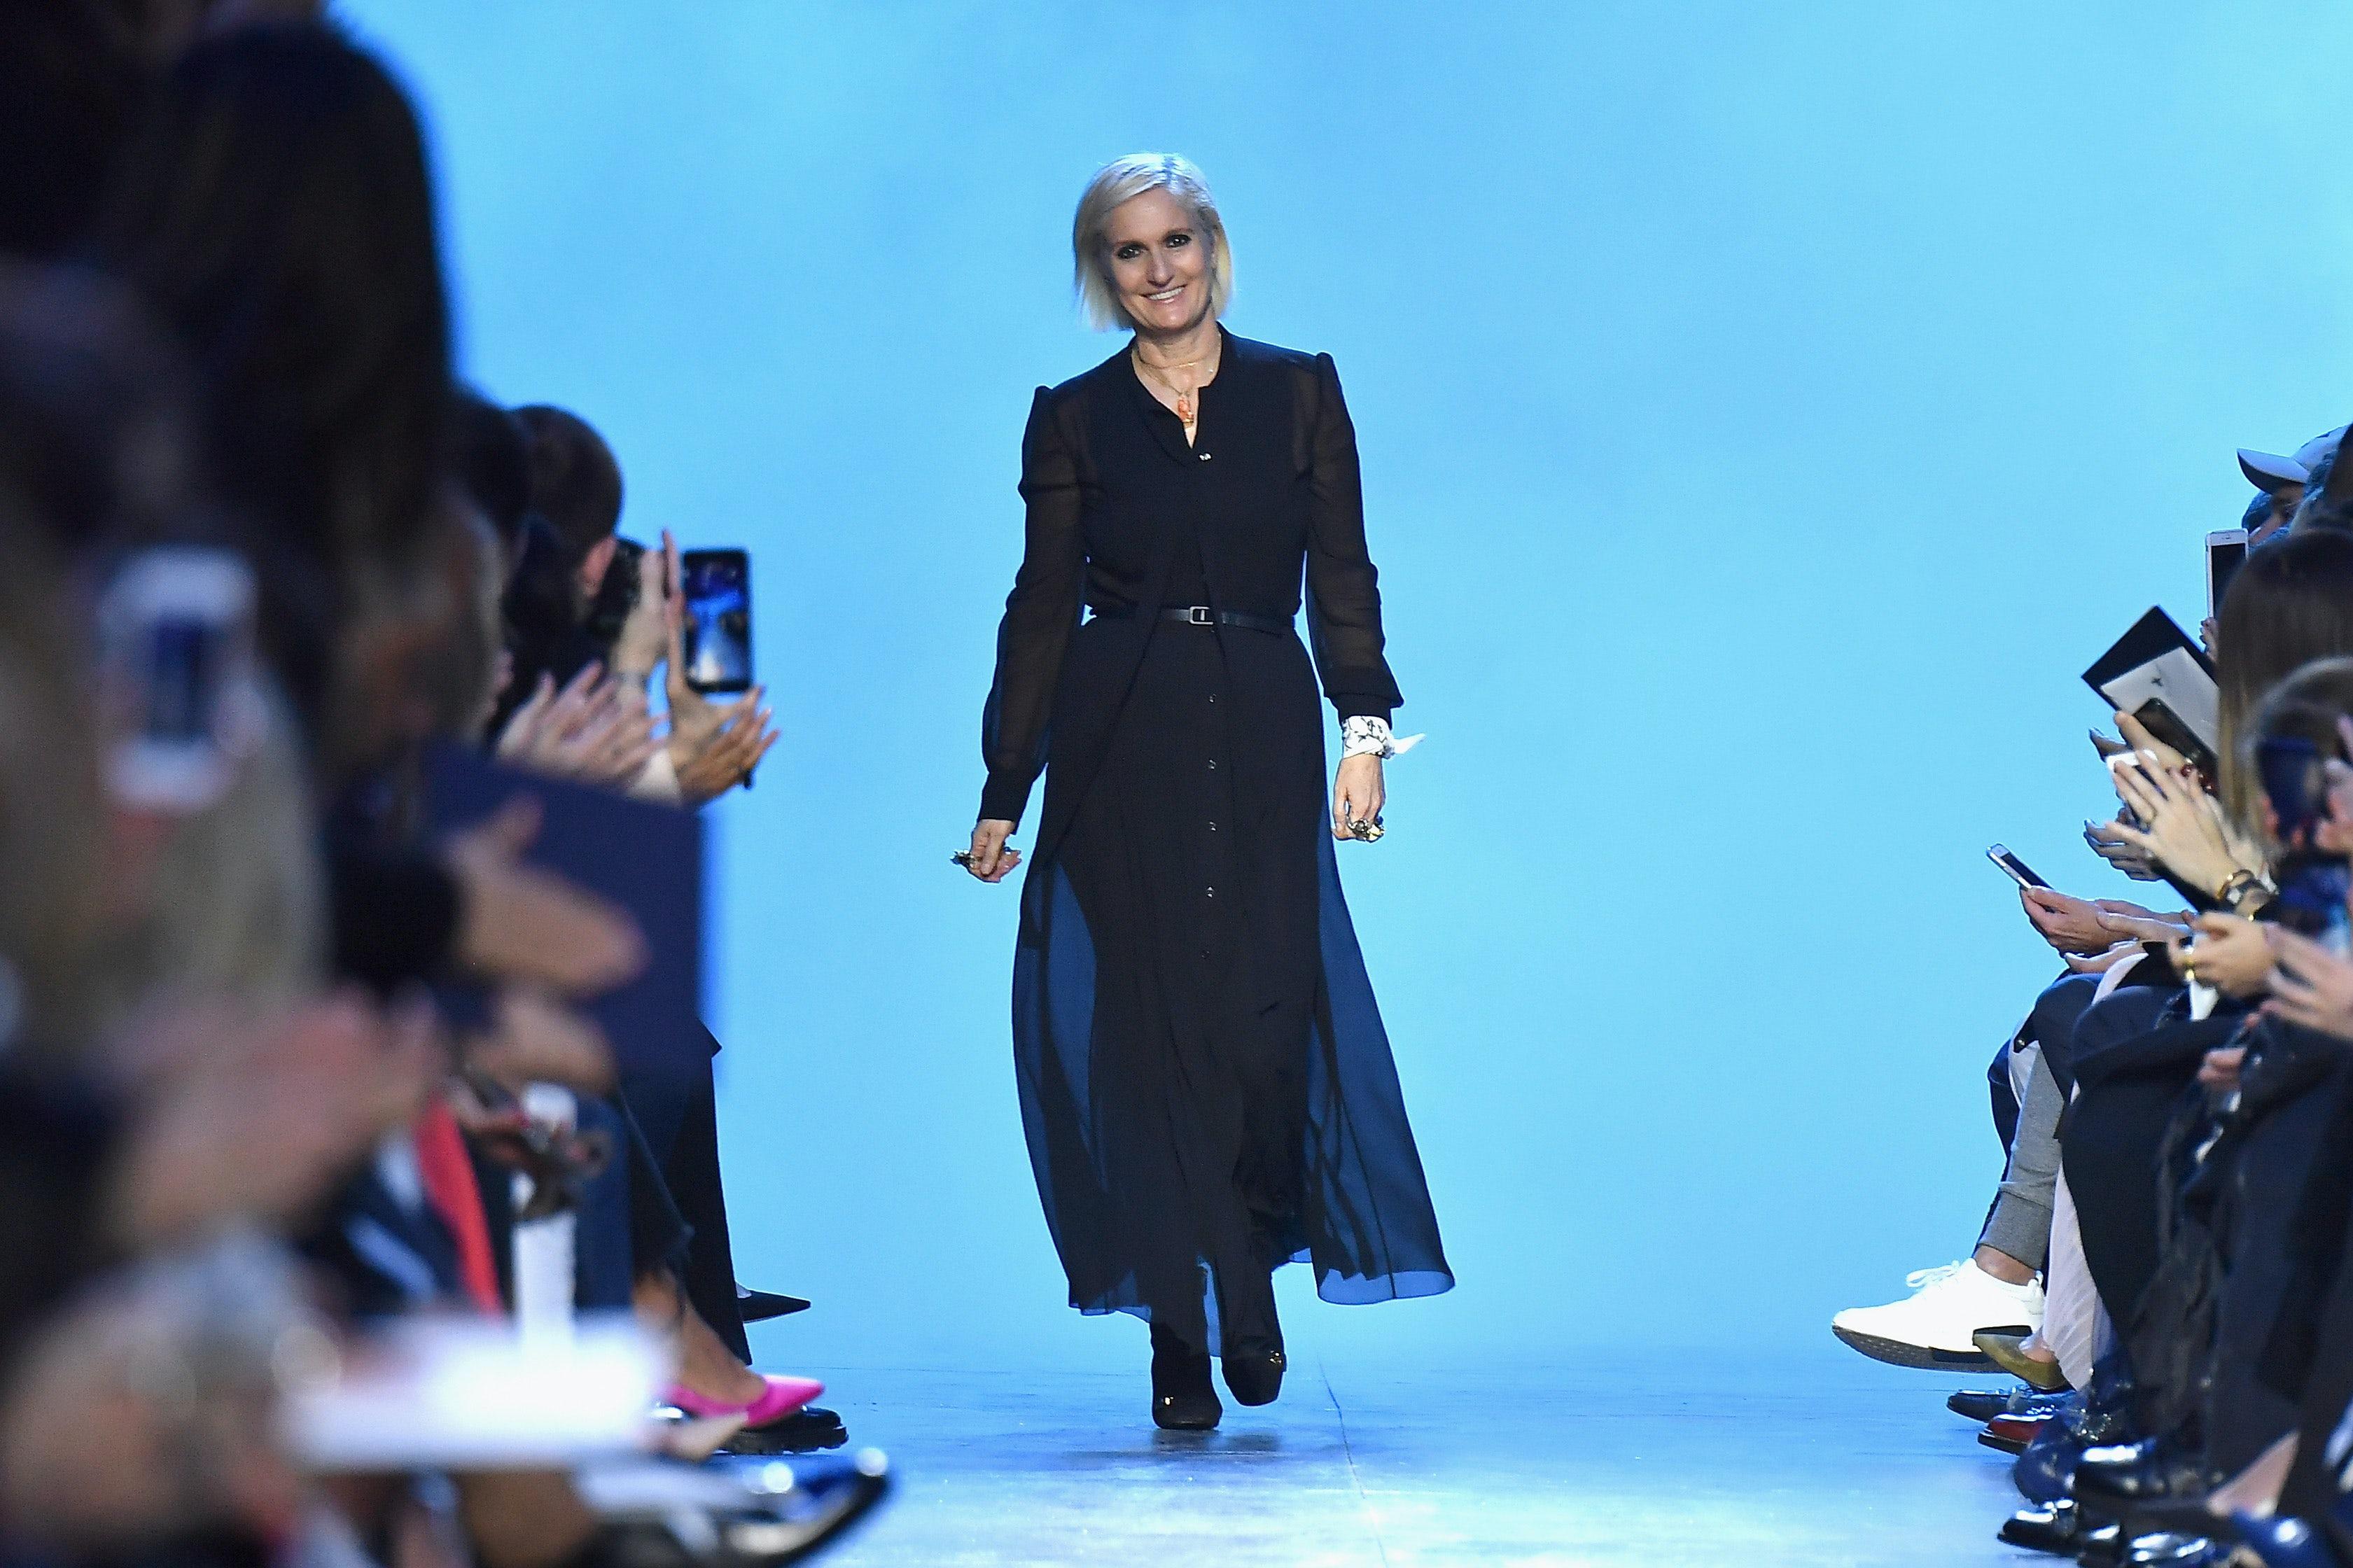 Christian Dior artistic director Maria Grazia Chiuri  at the label's Autumn/Winter 2017 ready-to-wear show | Getty